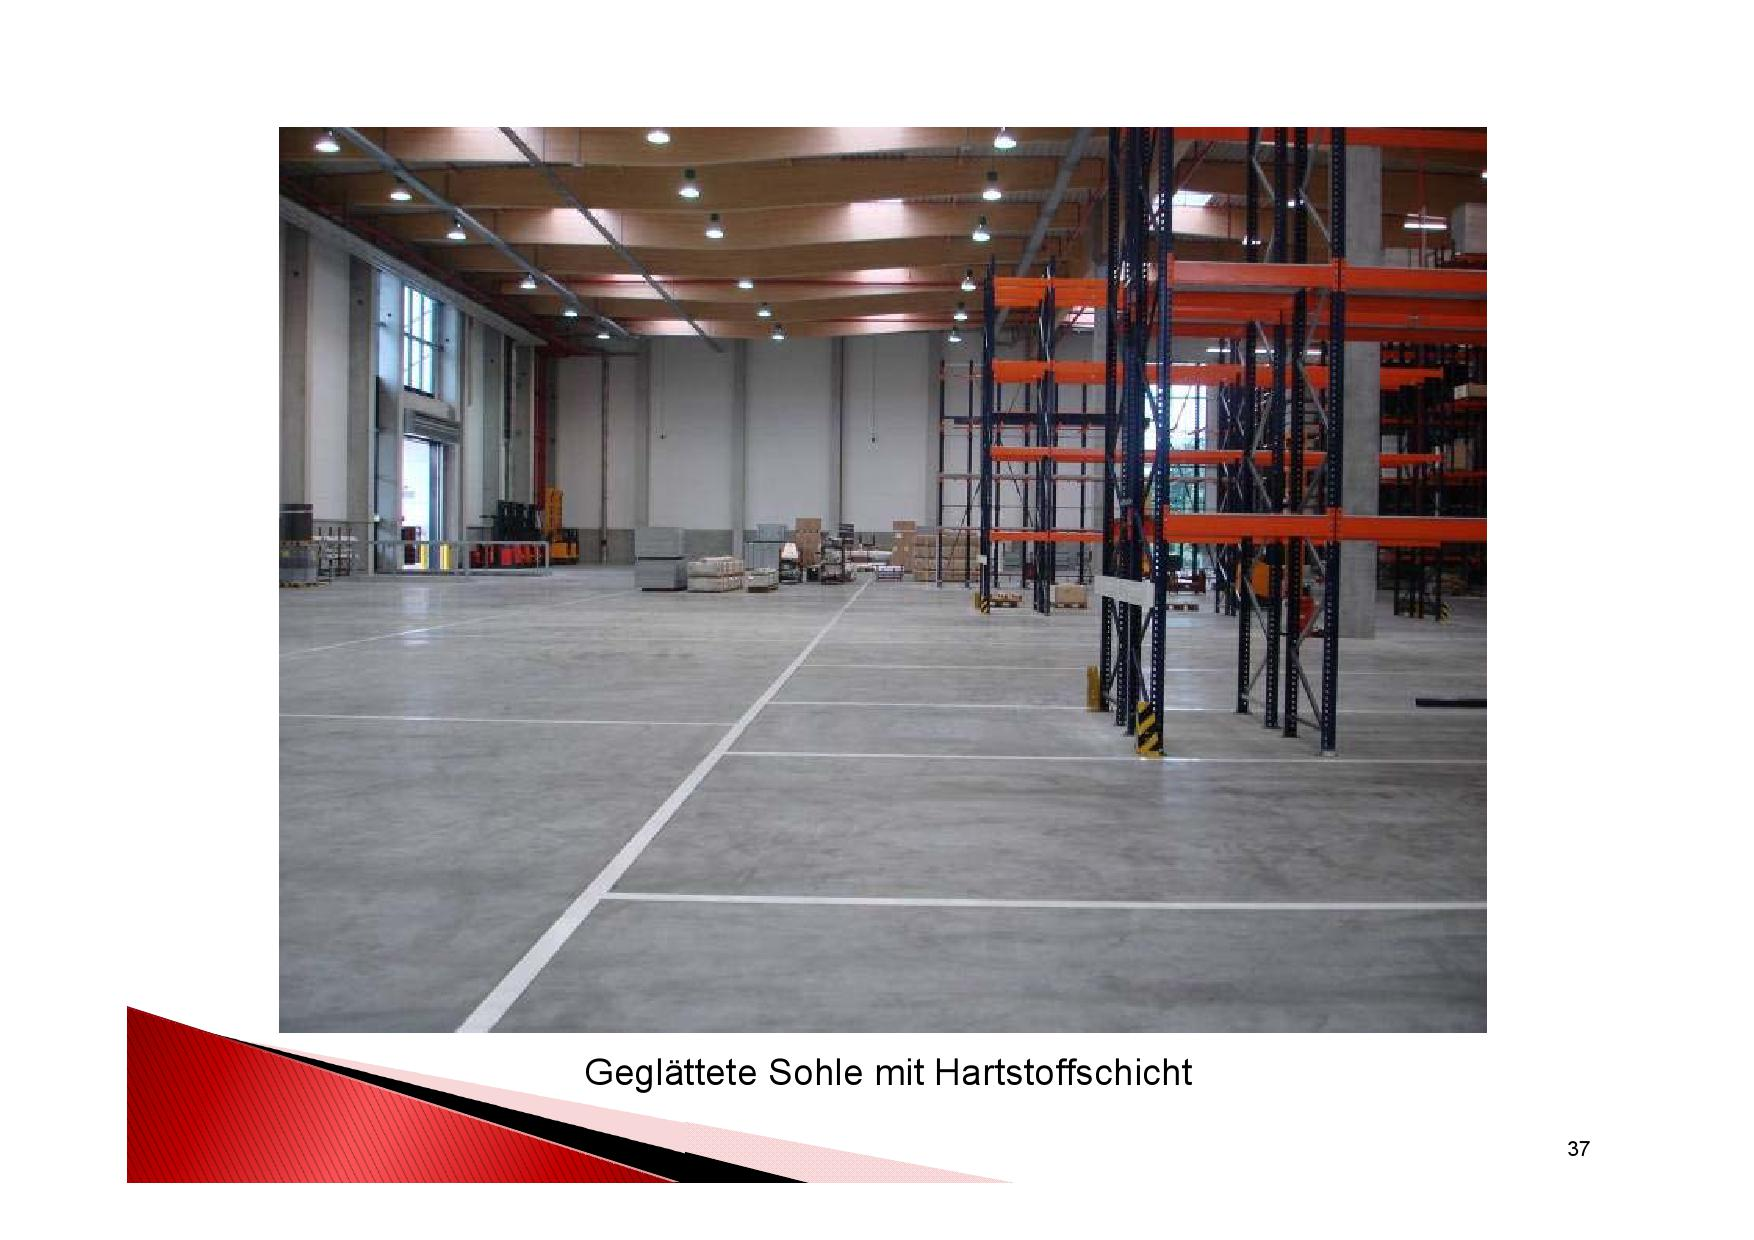 7Präsentation Einstreu Schicht Haftbrücke Fugen März 2013 pdf_000037